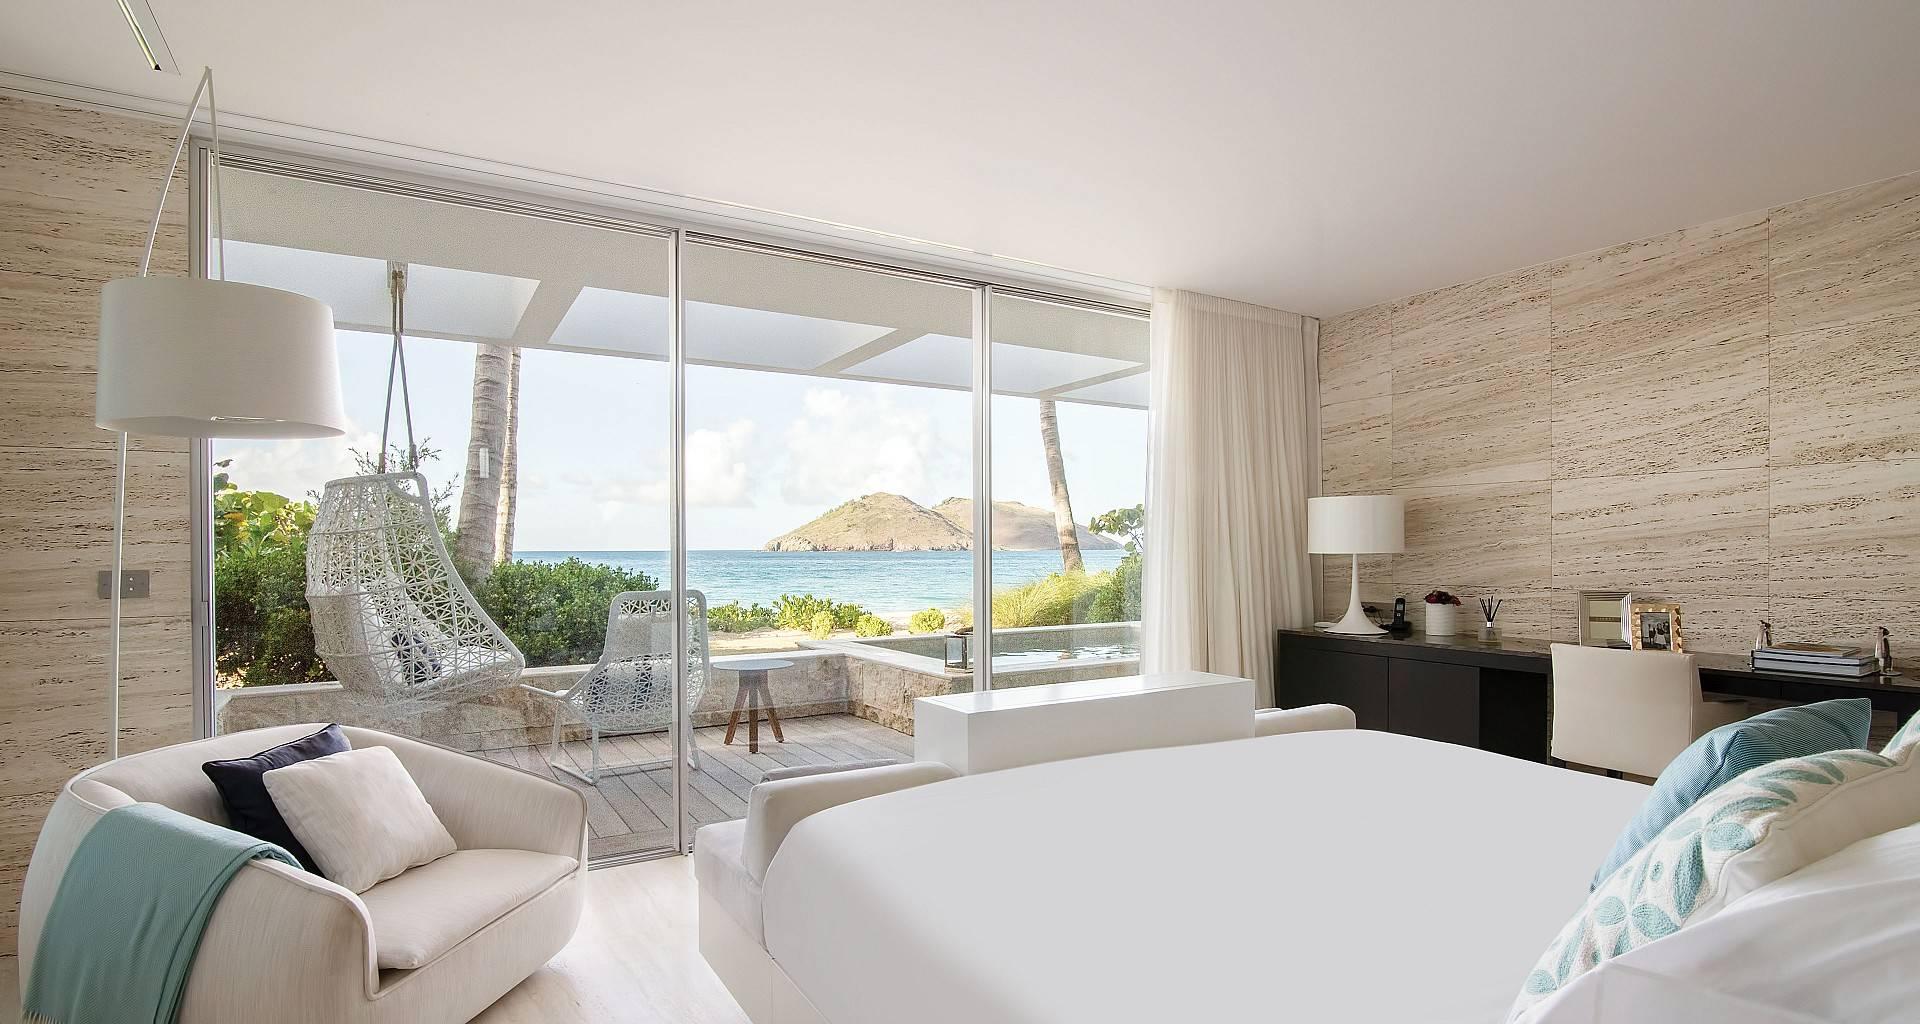 Villa Wake Up Bedroom 4